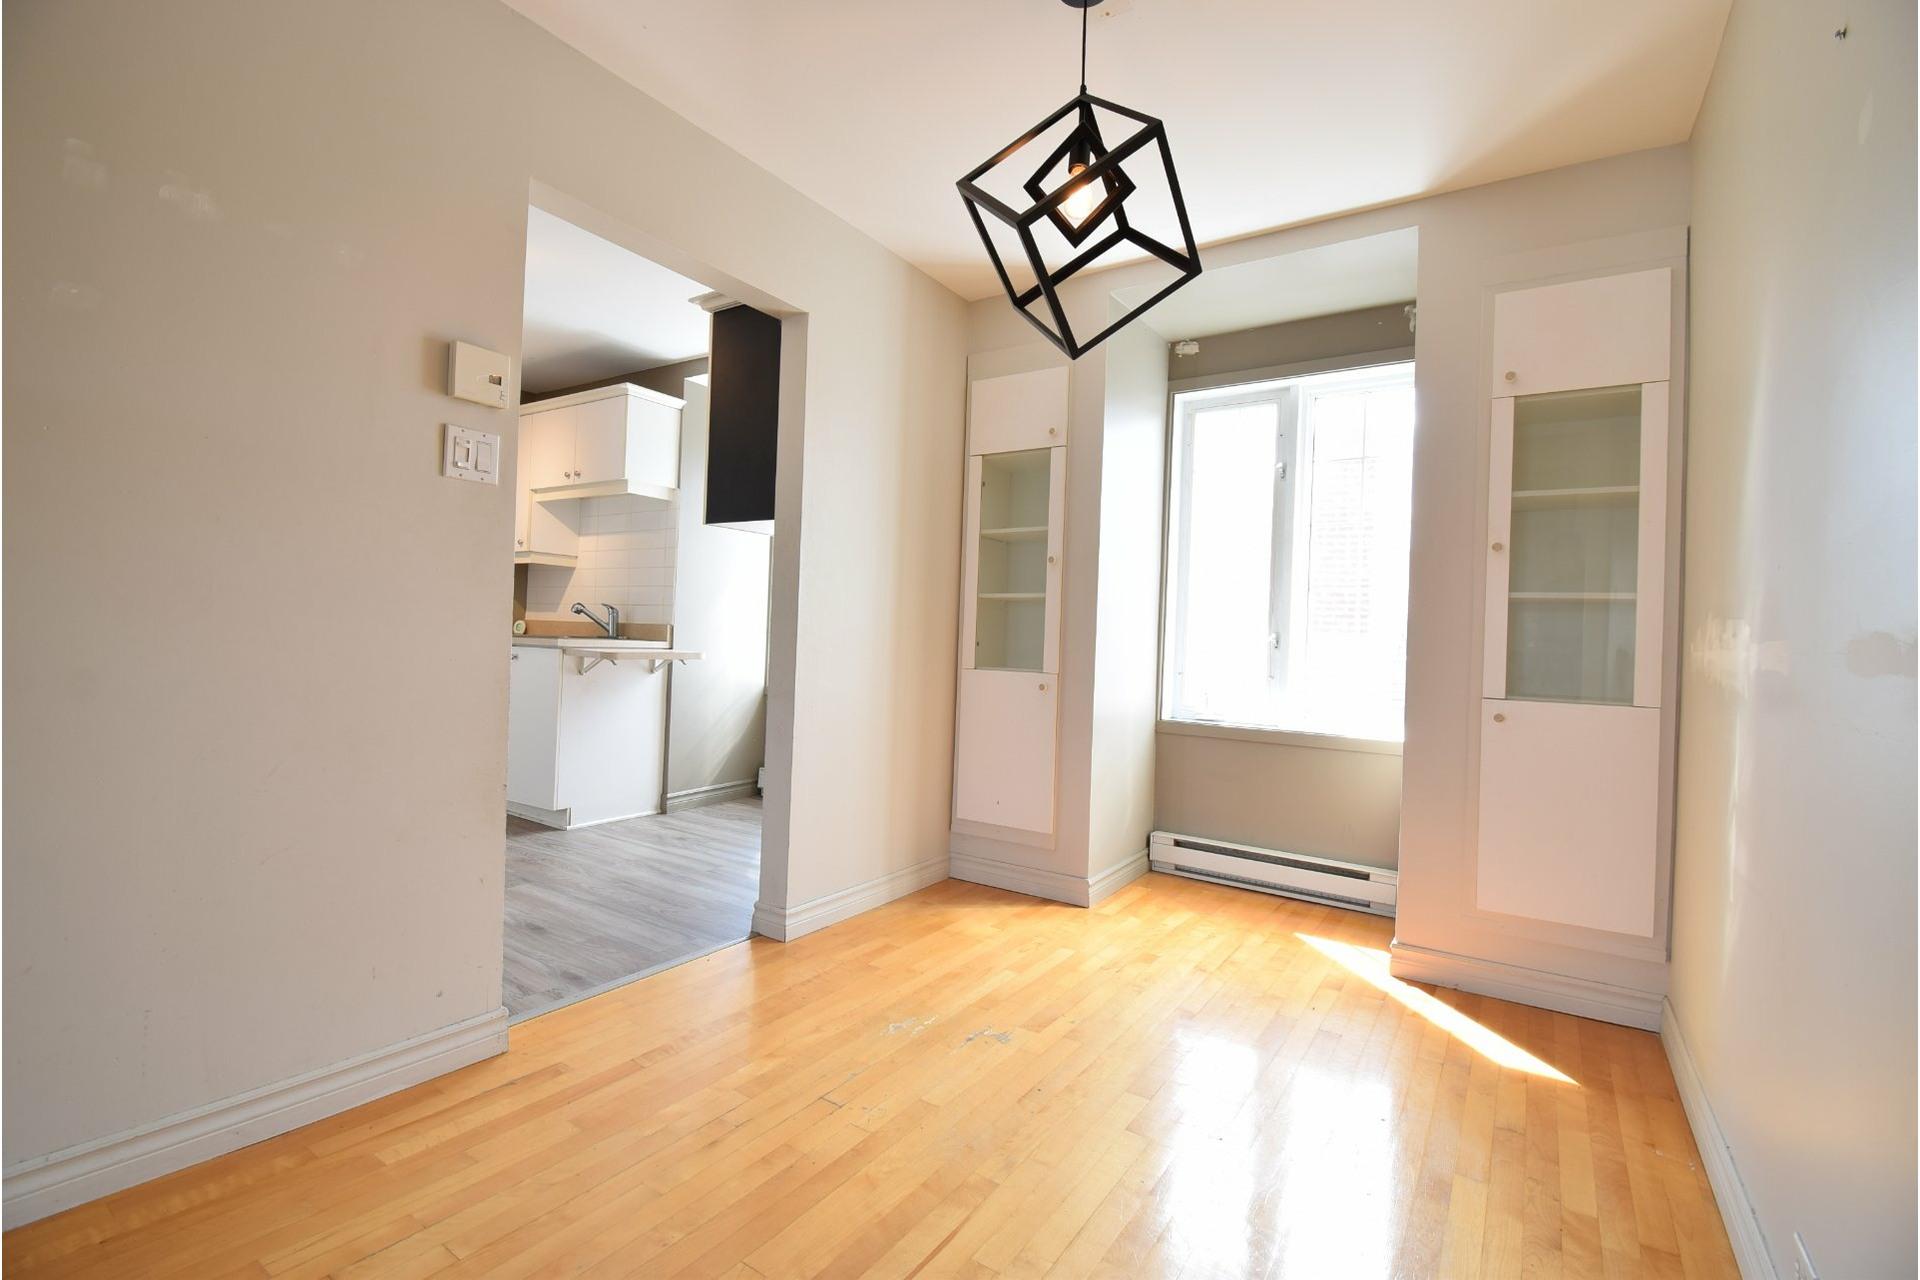 image 20 - Duplex À vendre Trois-Rivières - 4 pièces